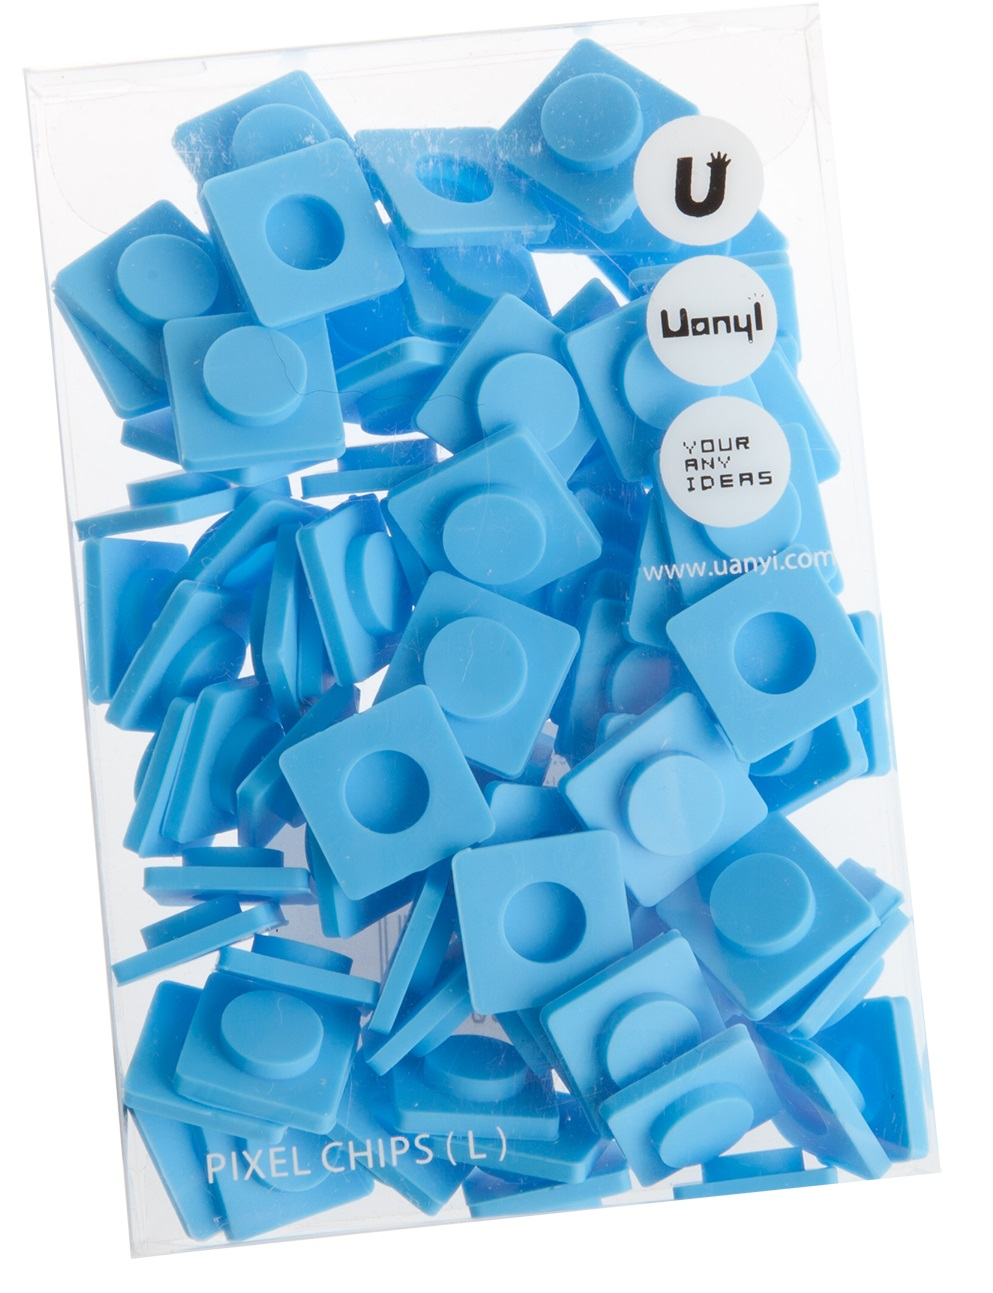 Пиксельные фишки Большие WY-P001 (Pixel Chips Large) (Голубой)